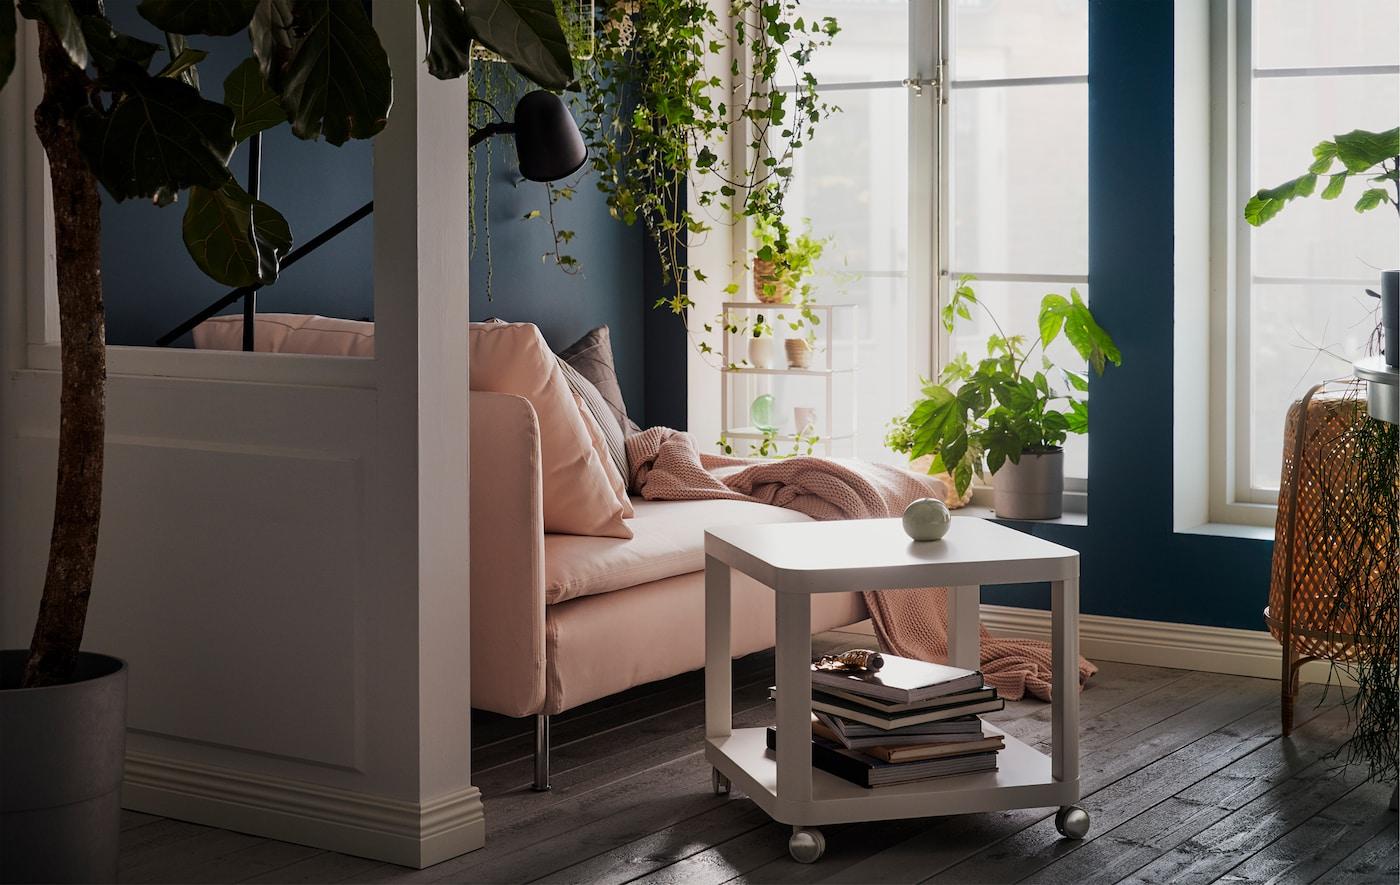 햇살이 비치는 큰 창가 옆에 긴의자를 놓고, 쿠션과 스로우, 독서등으로 꾸몄어요. 창틀에는 식물을 진열하고, 벽 선반에도 매달아 놓았네요.